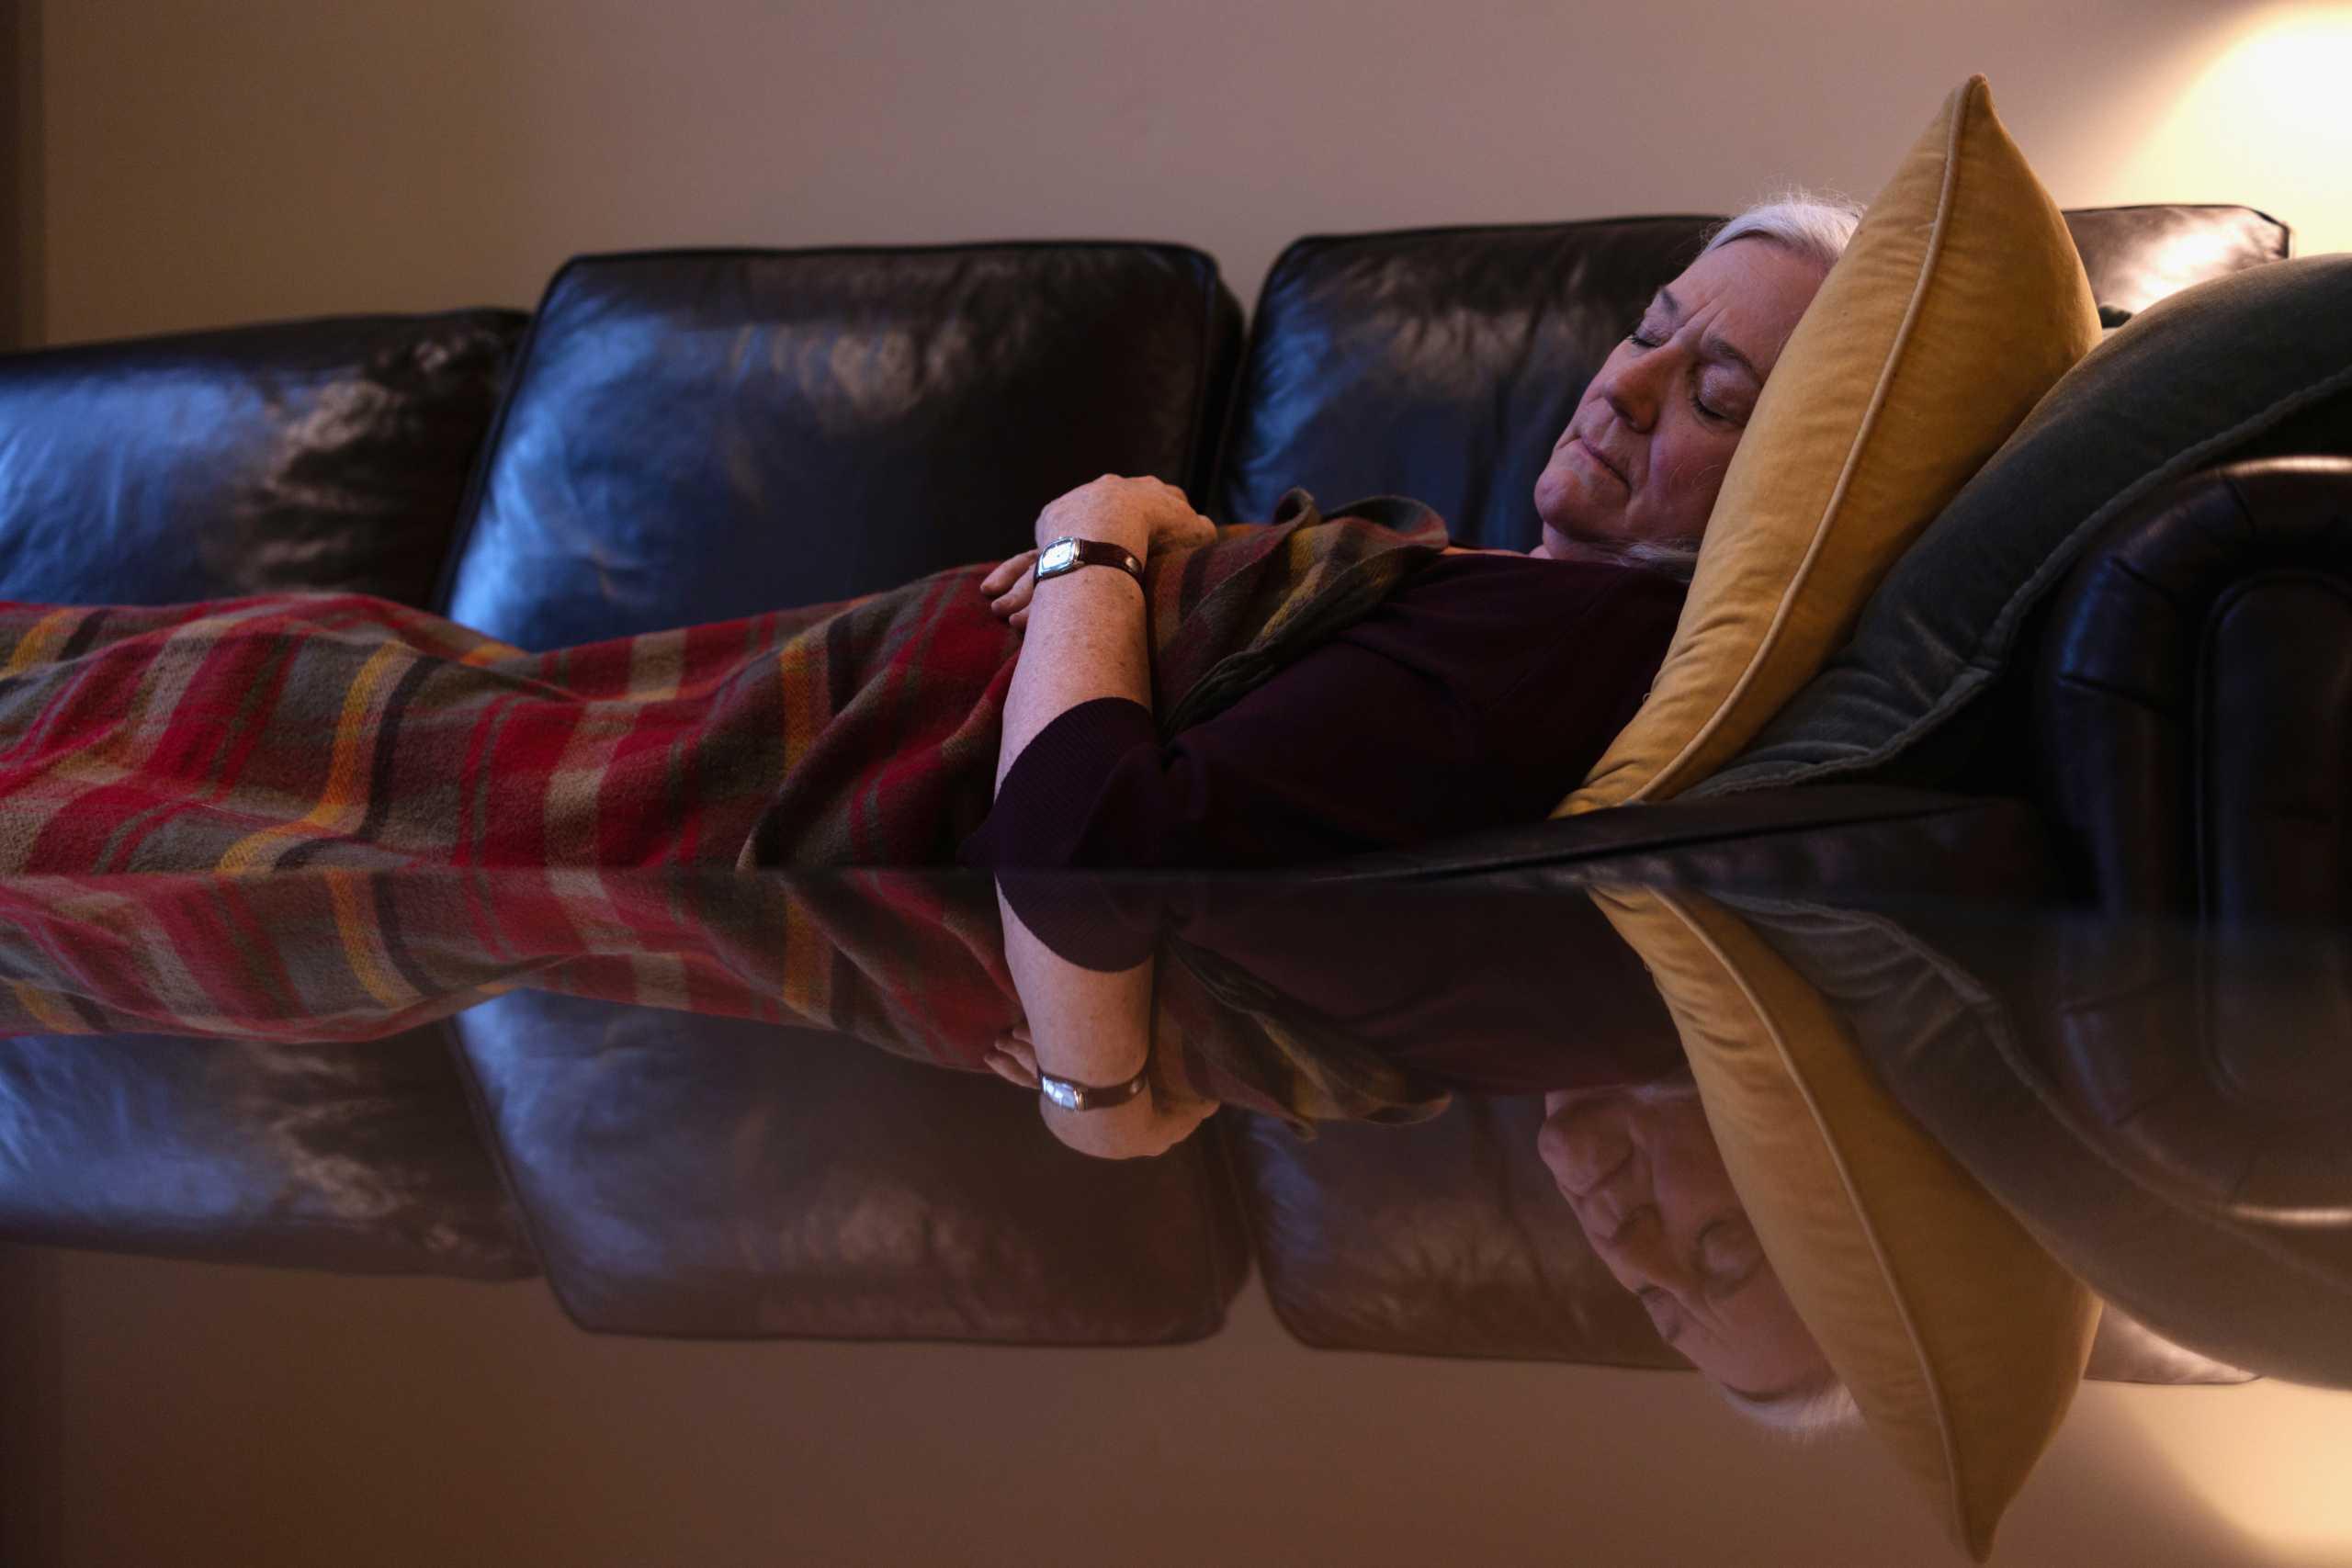 Κορονοϊός – Έρευνα: Αϋπνία και υπερκόπωση αυξάνουν τον κίνδυνο σοβαρής νόσησης